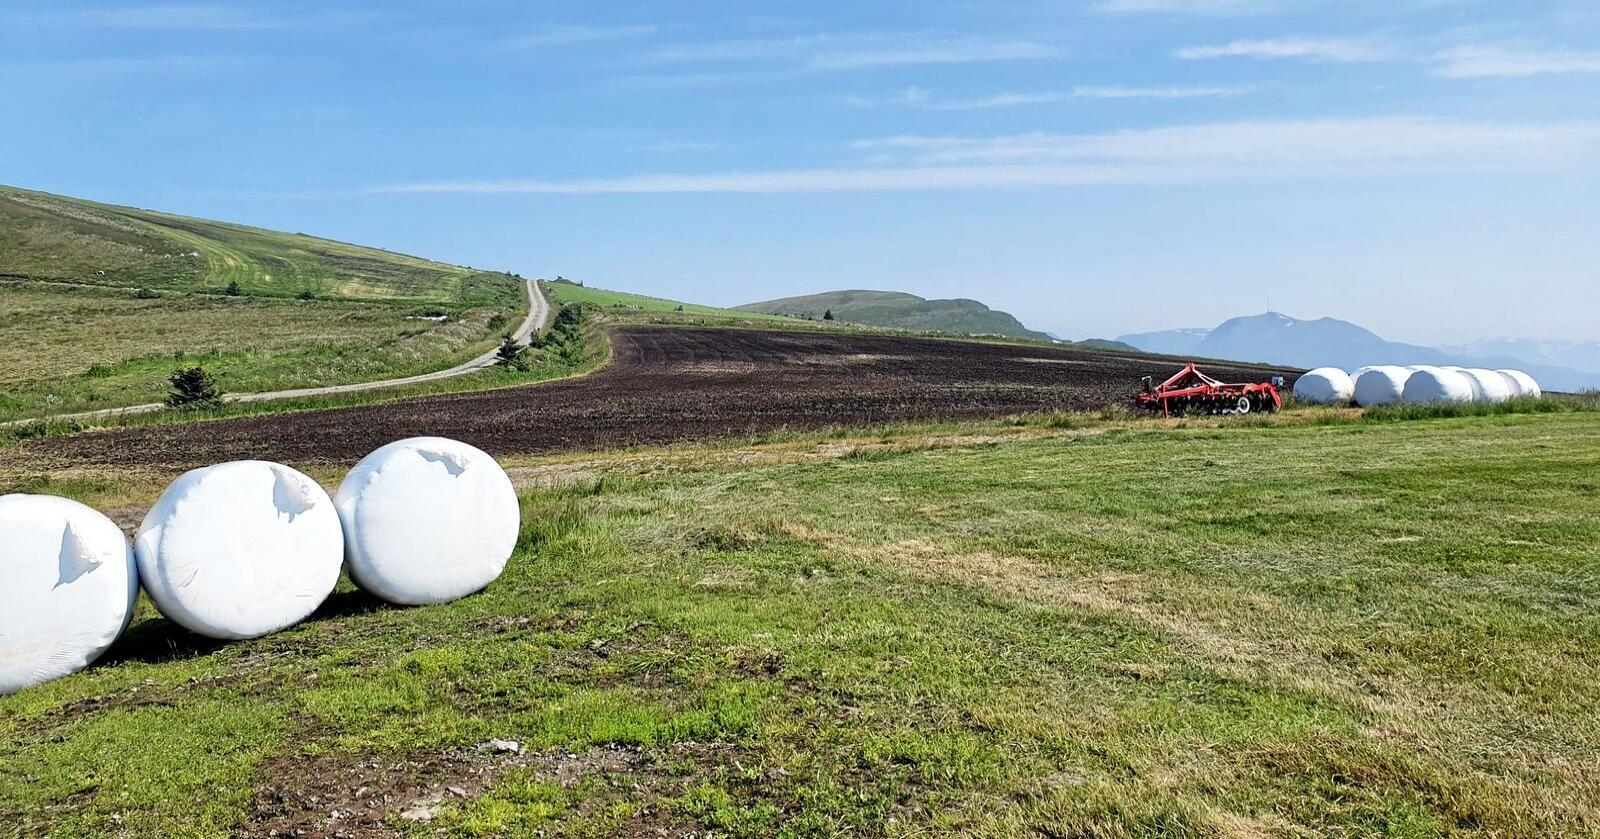 Dyrka mark på Haramsøya i Ålesund. Her skal det bygges vindkraft. Foto: Priat